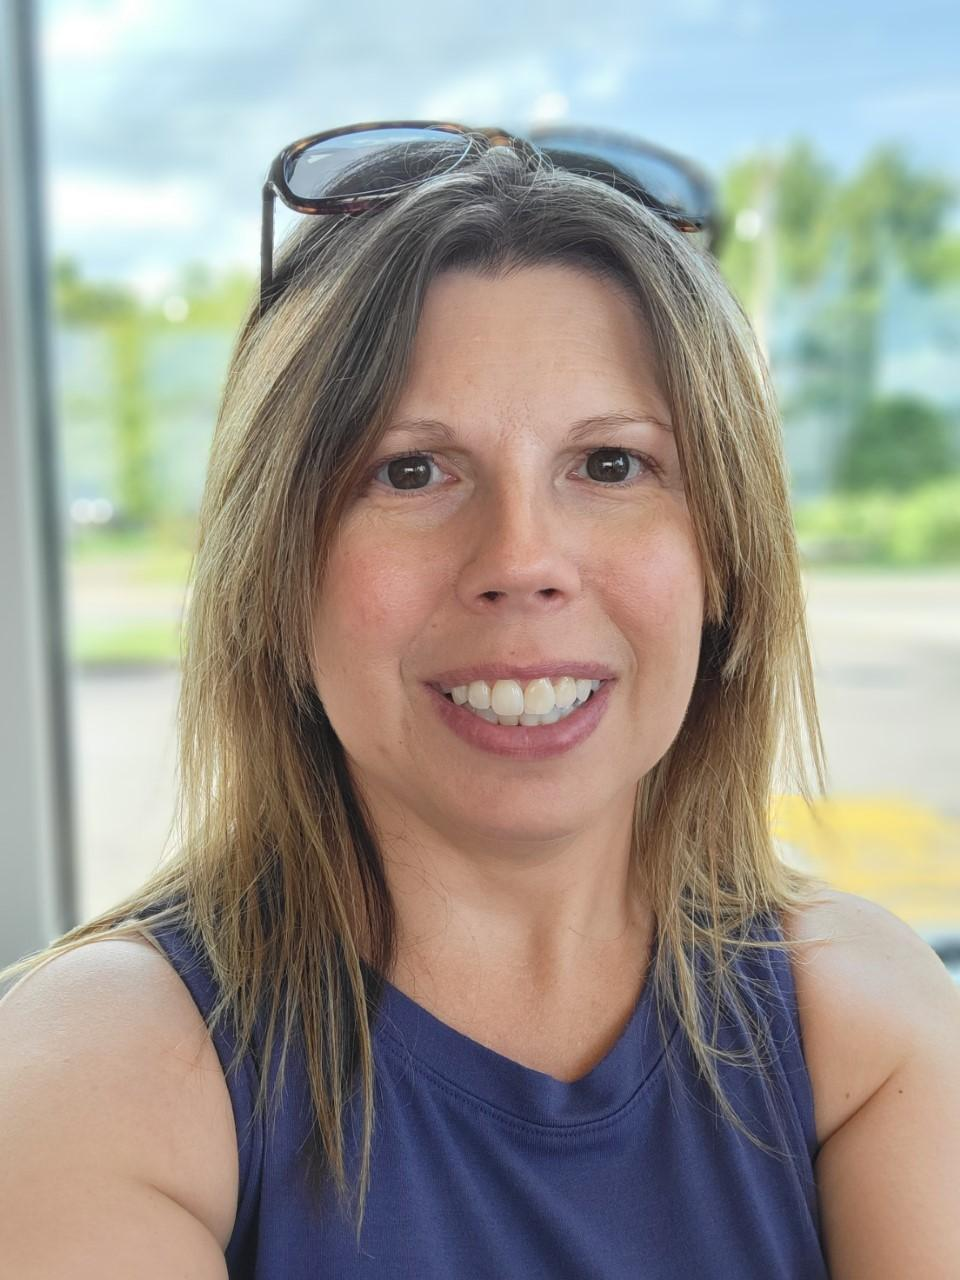 Mrs. Karen Albritton